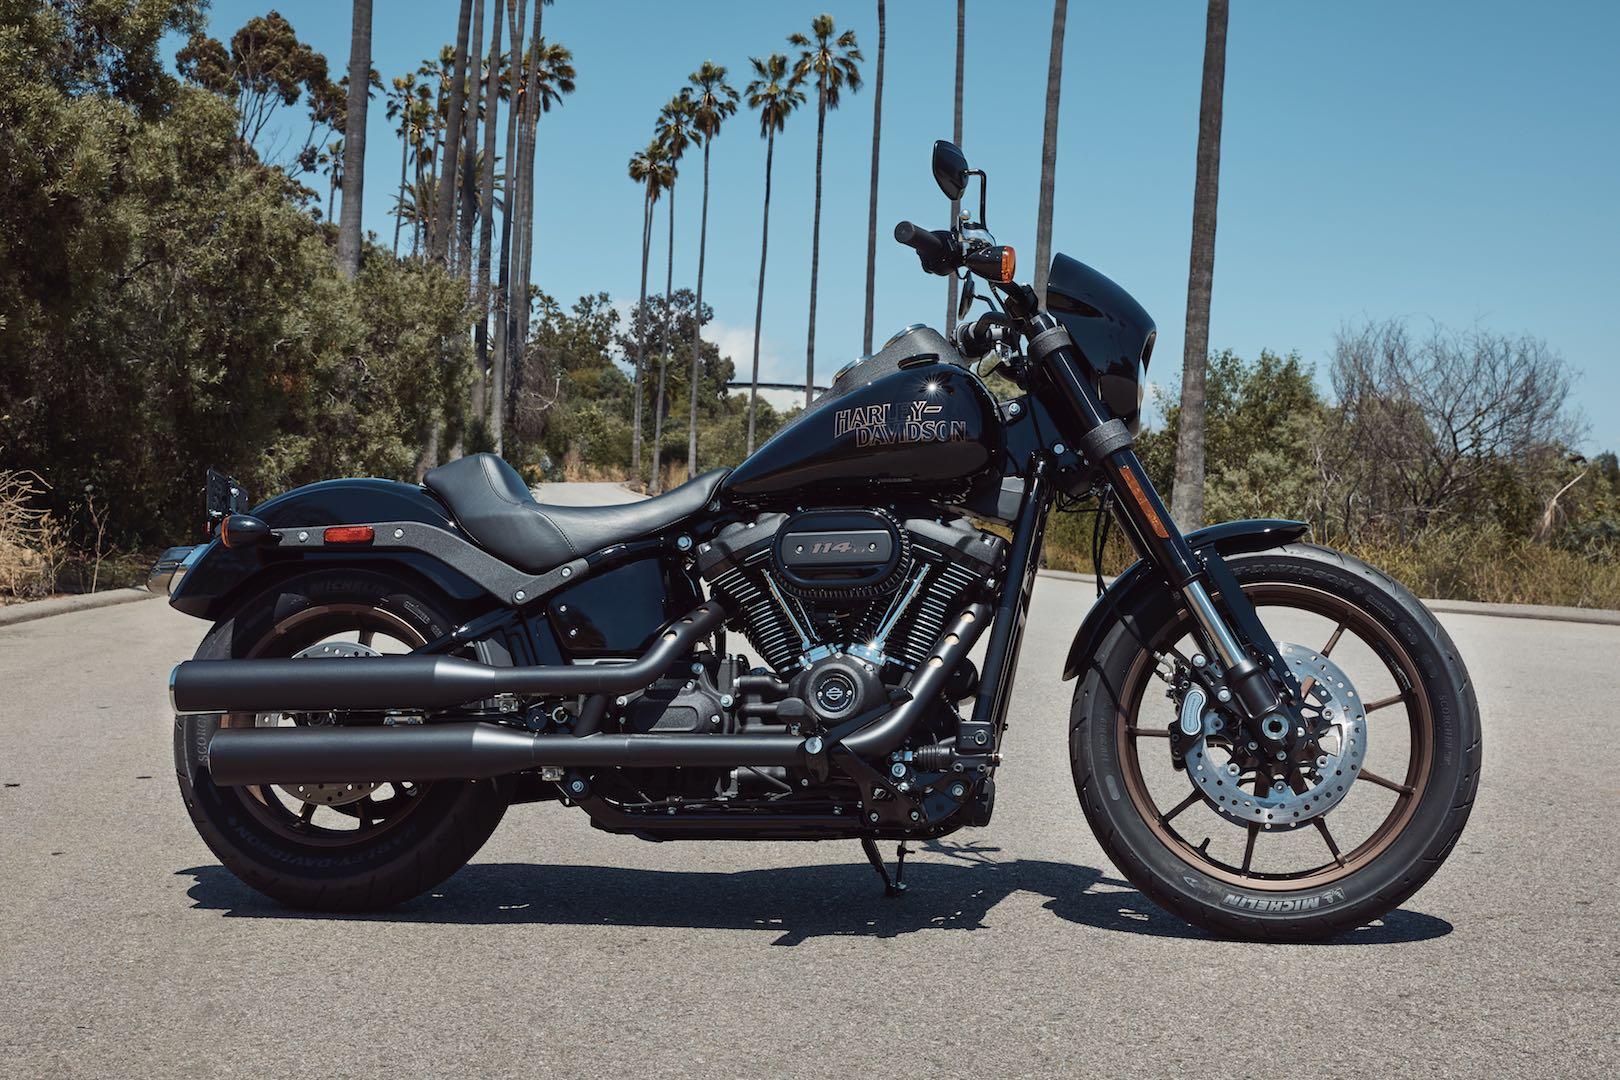 Used Harley Davidson Motorcycles >> Best Fuel Management System For Harley Davidson